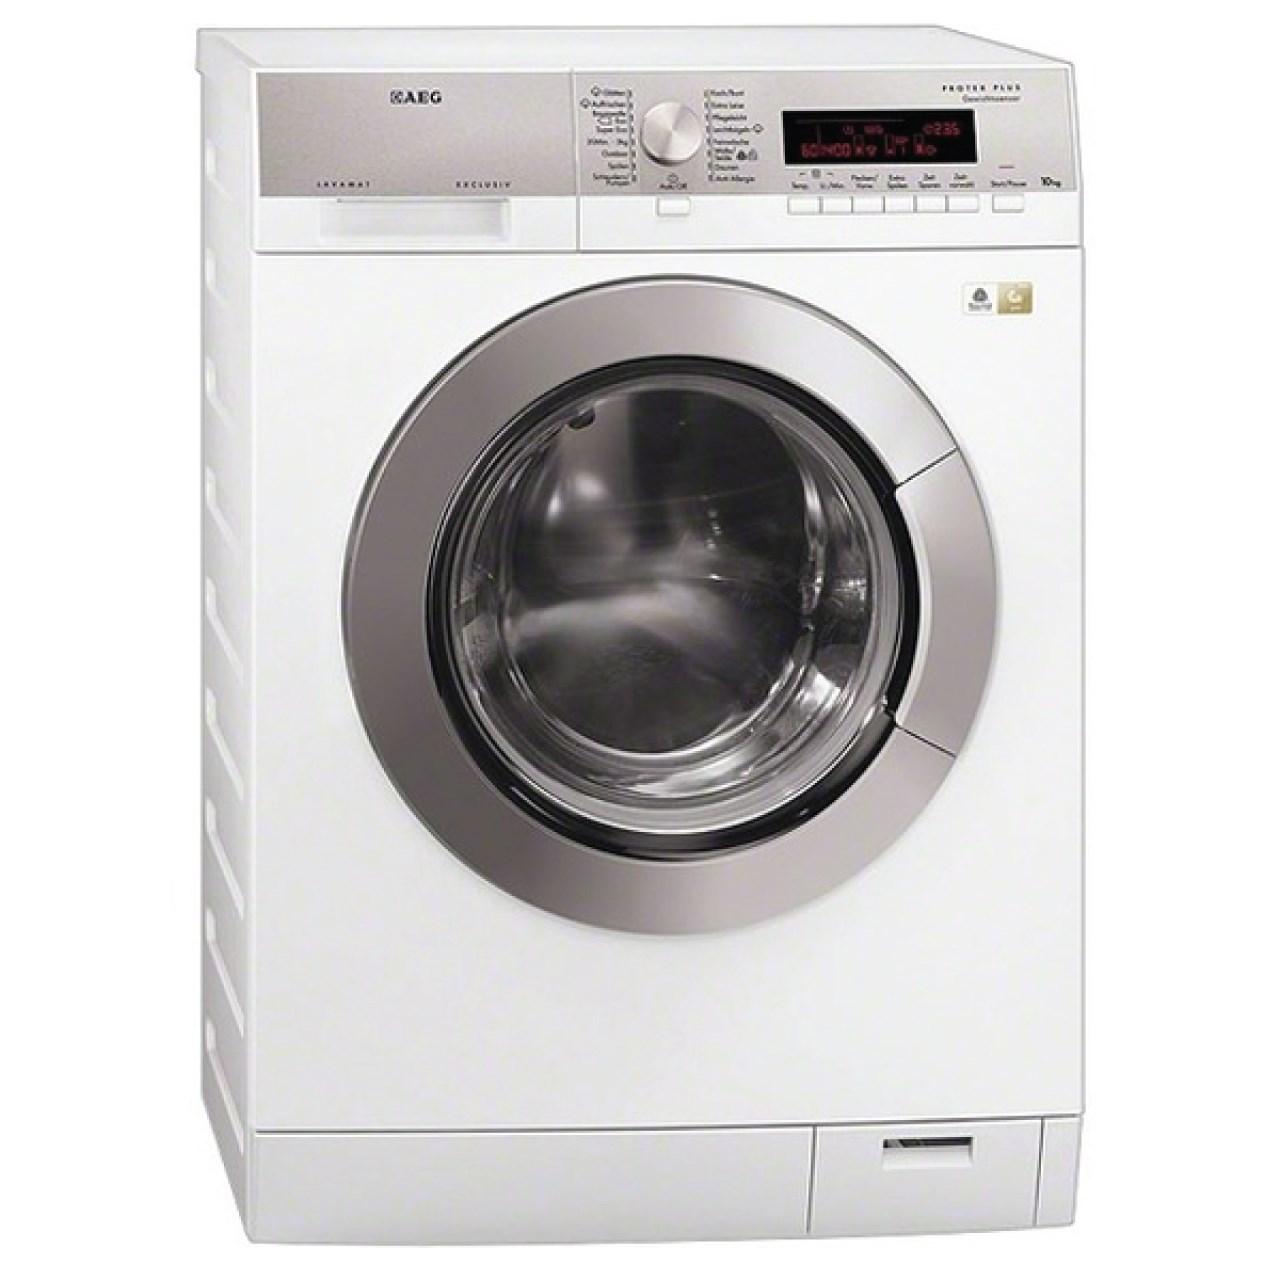 ماشین لباسشویی آاگ مدل L88409FL2 ظرفیت 10 کیلوگرم